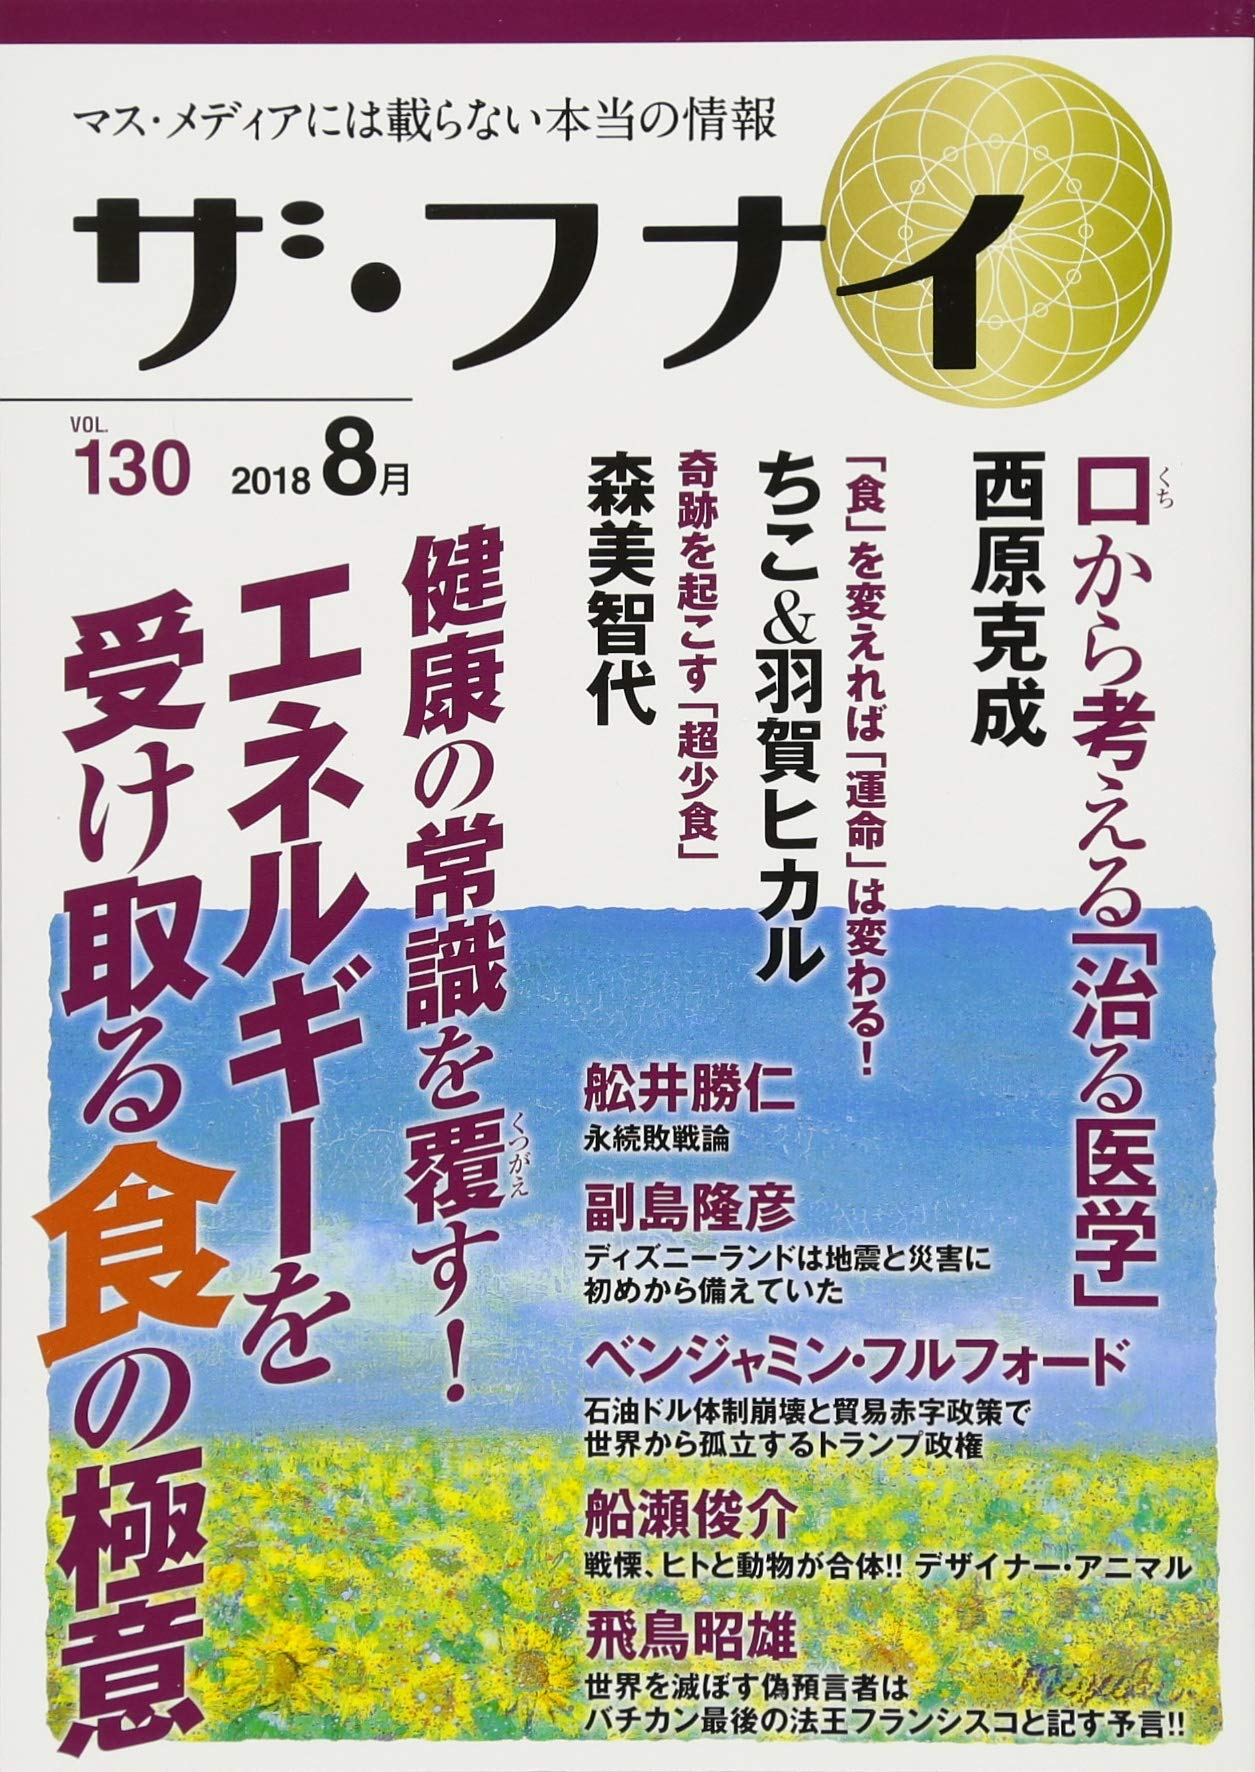 ザ・フナイvol.130に清水義久と船井勝仁さんの対談が掲載されました